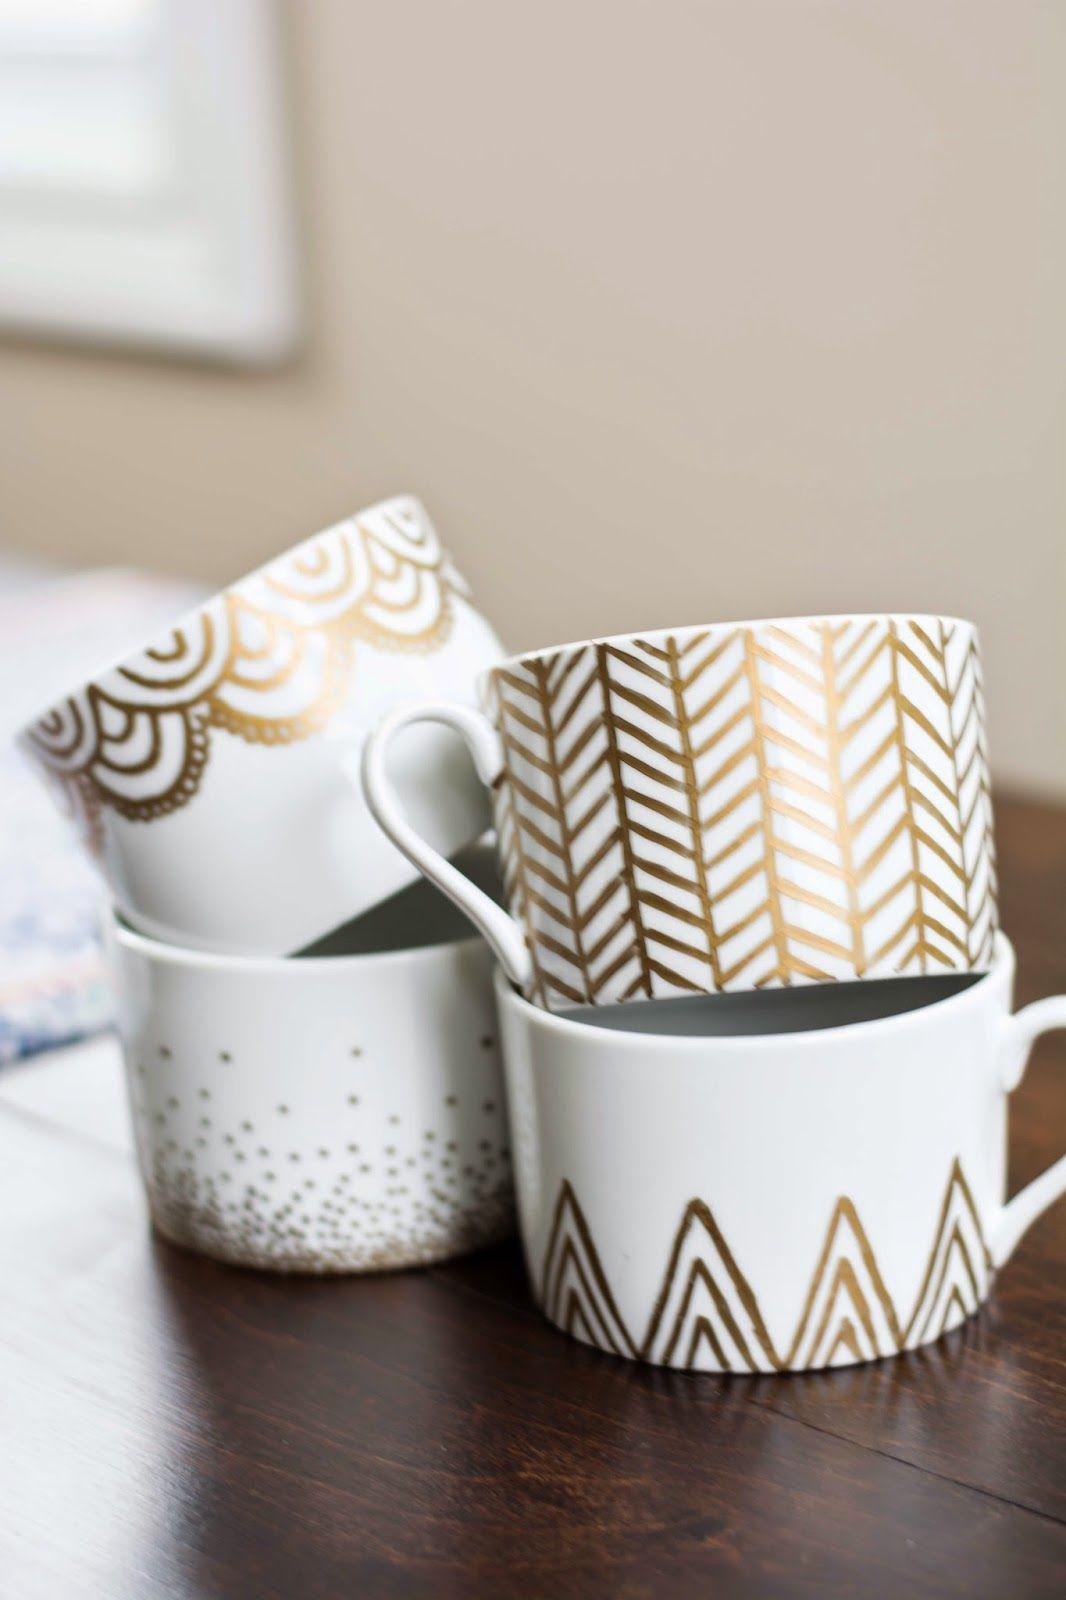 gold sharpie mugs & gold sharpie mugs | porzellanmalerei | Pinterest | Gold sharpie ...